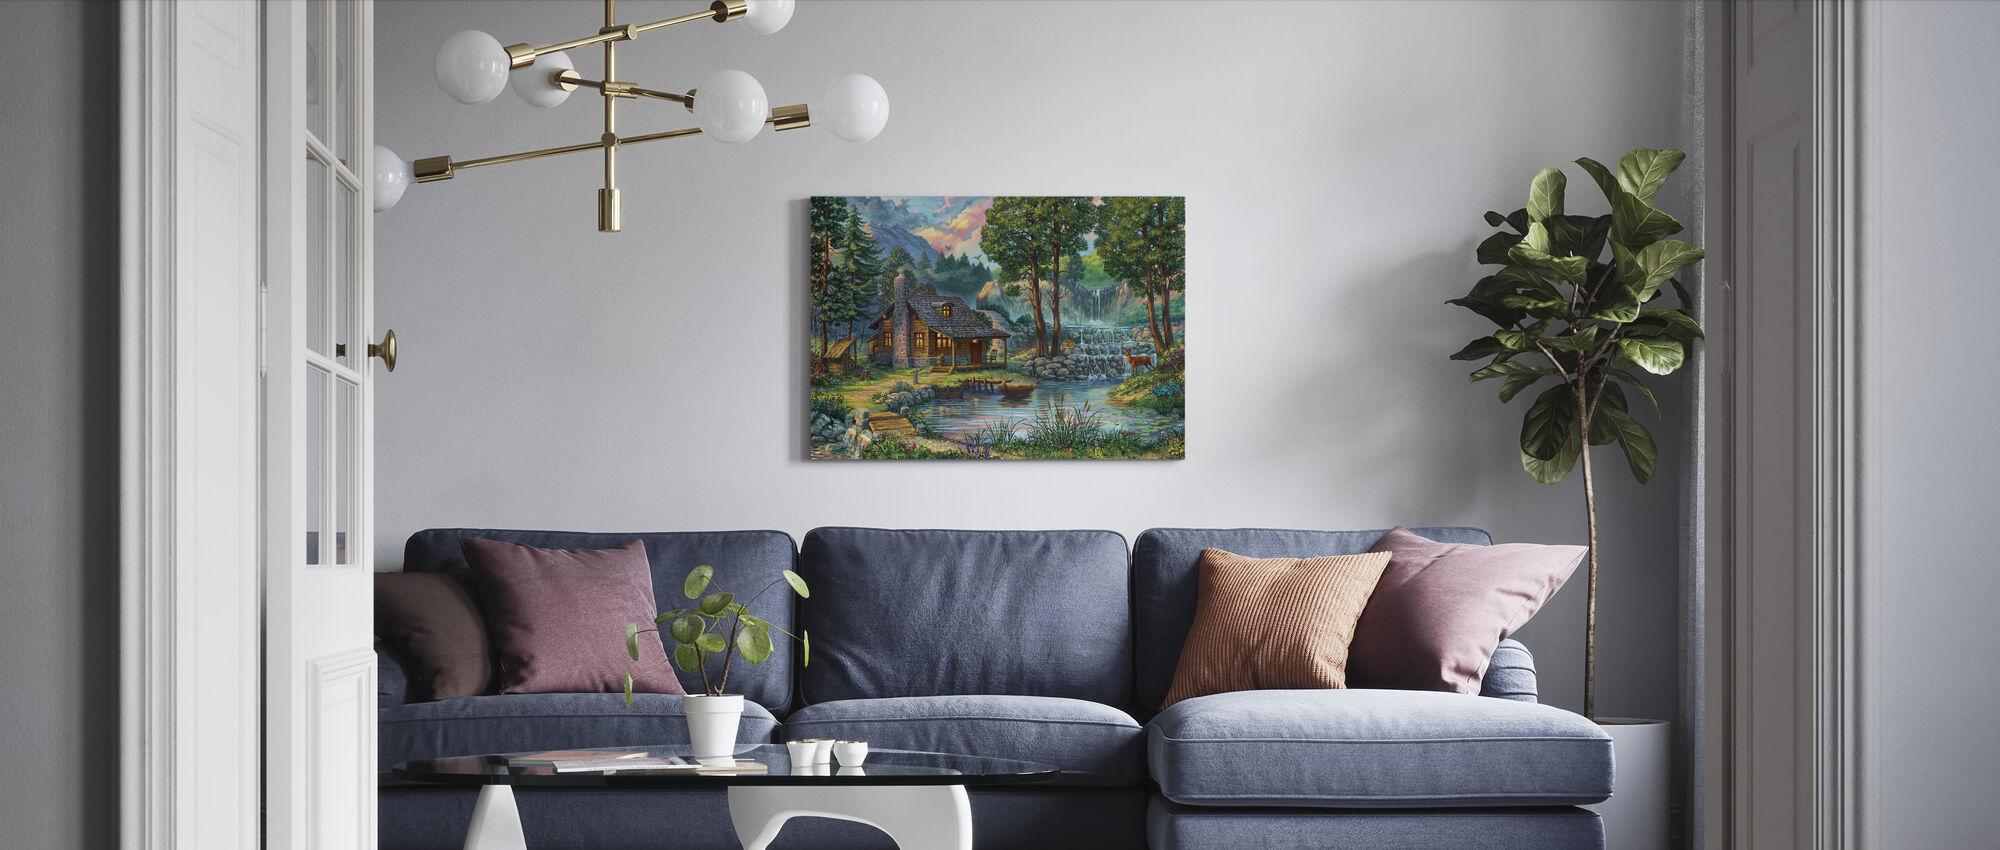 Landhus ved søen - Billede på lærred - Stue